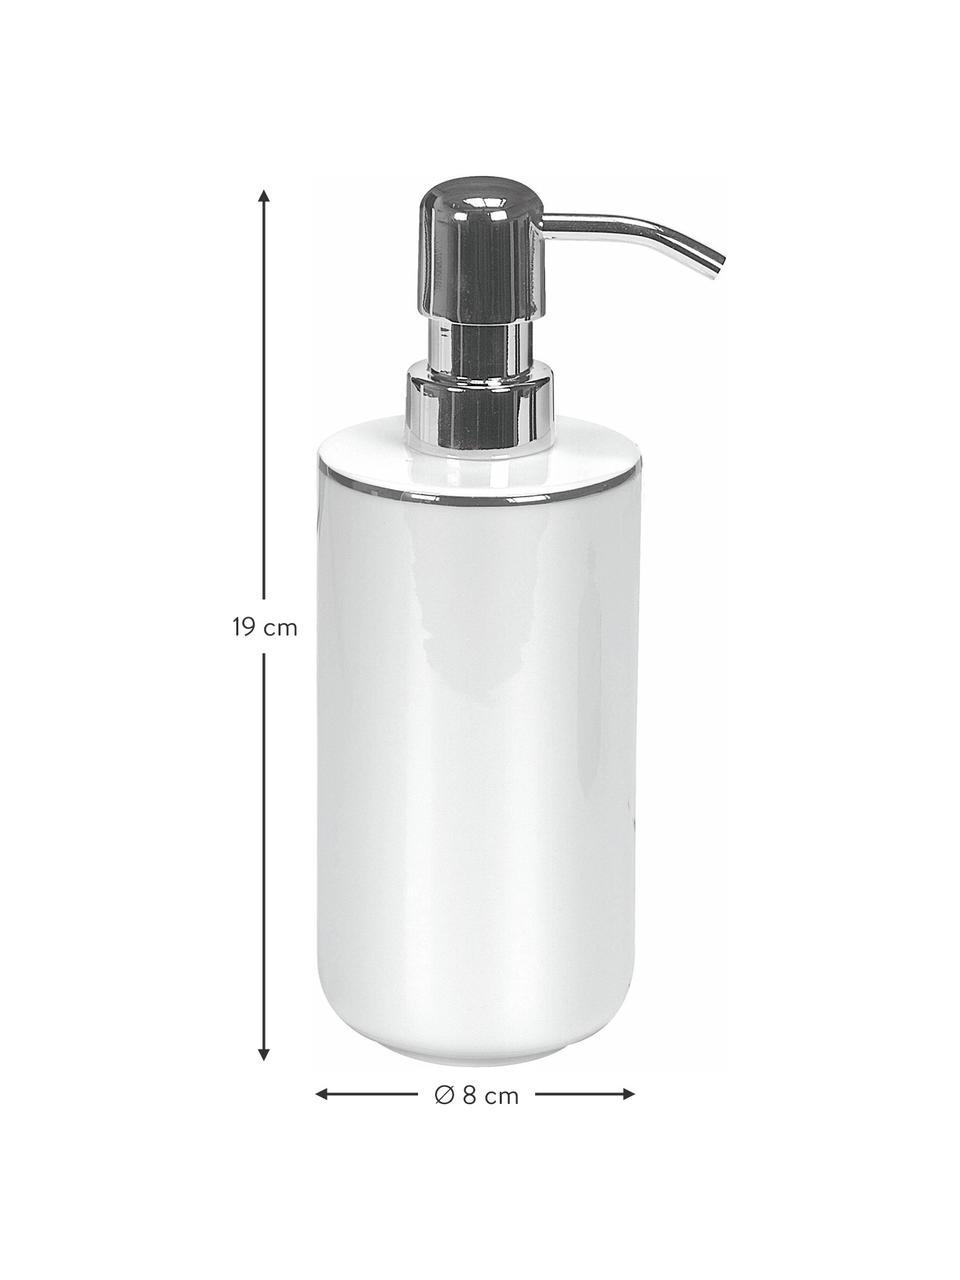 Seifenspender Noblesse aus Porzellan, Pumpkopf: Metall, Weiß, Ø 8 x H 19 cm